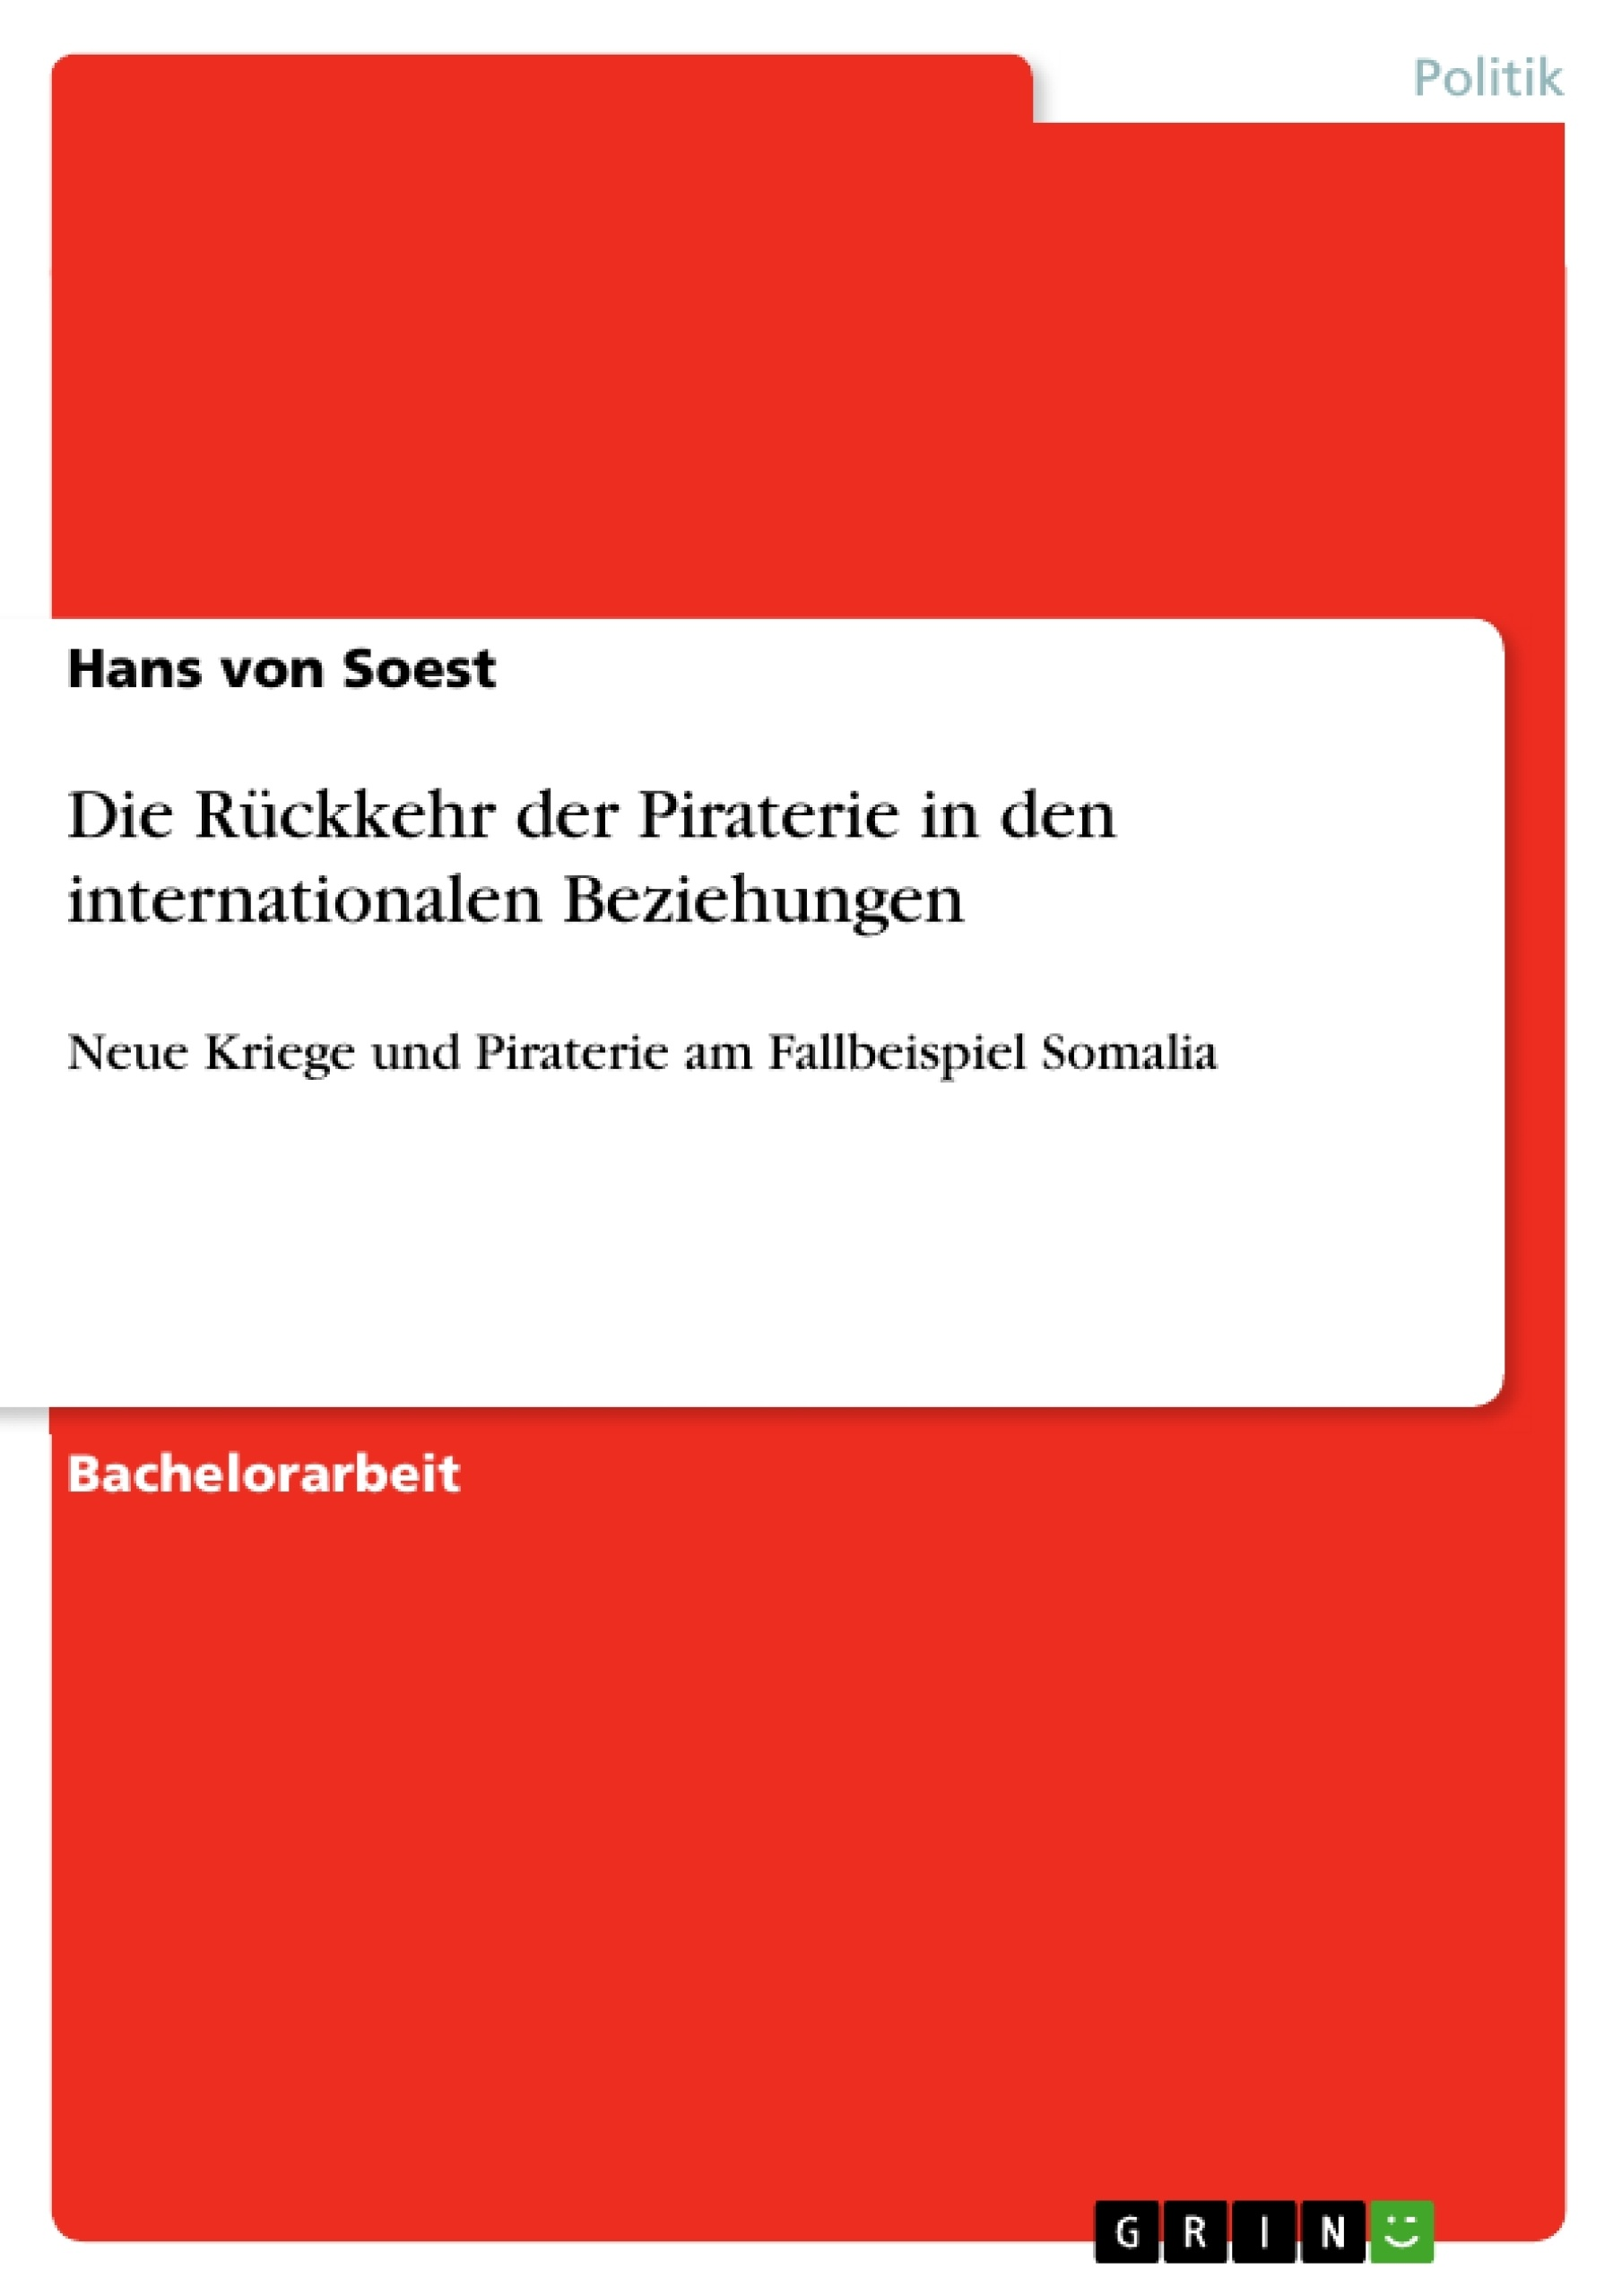 Titel: Die Rückkehr der Piraterie in den internationalen Beziehungen